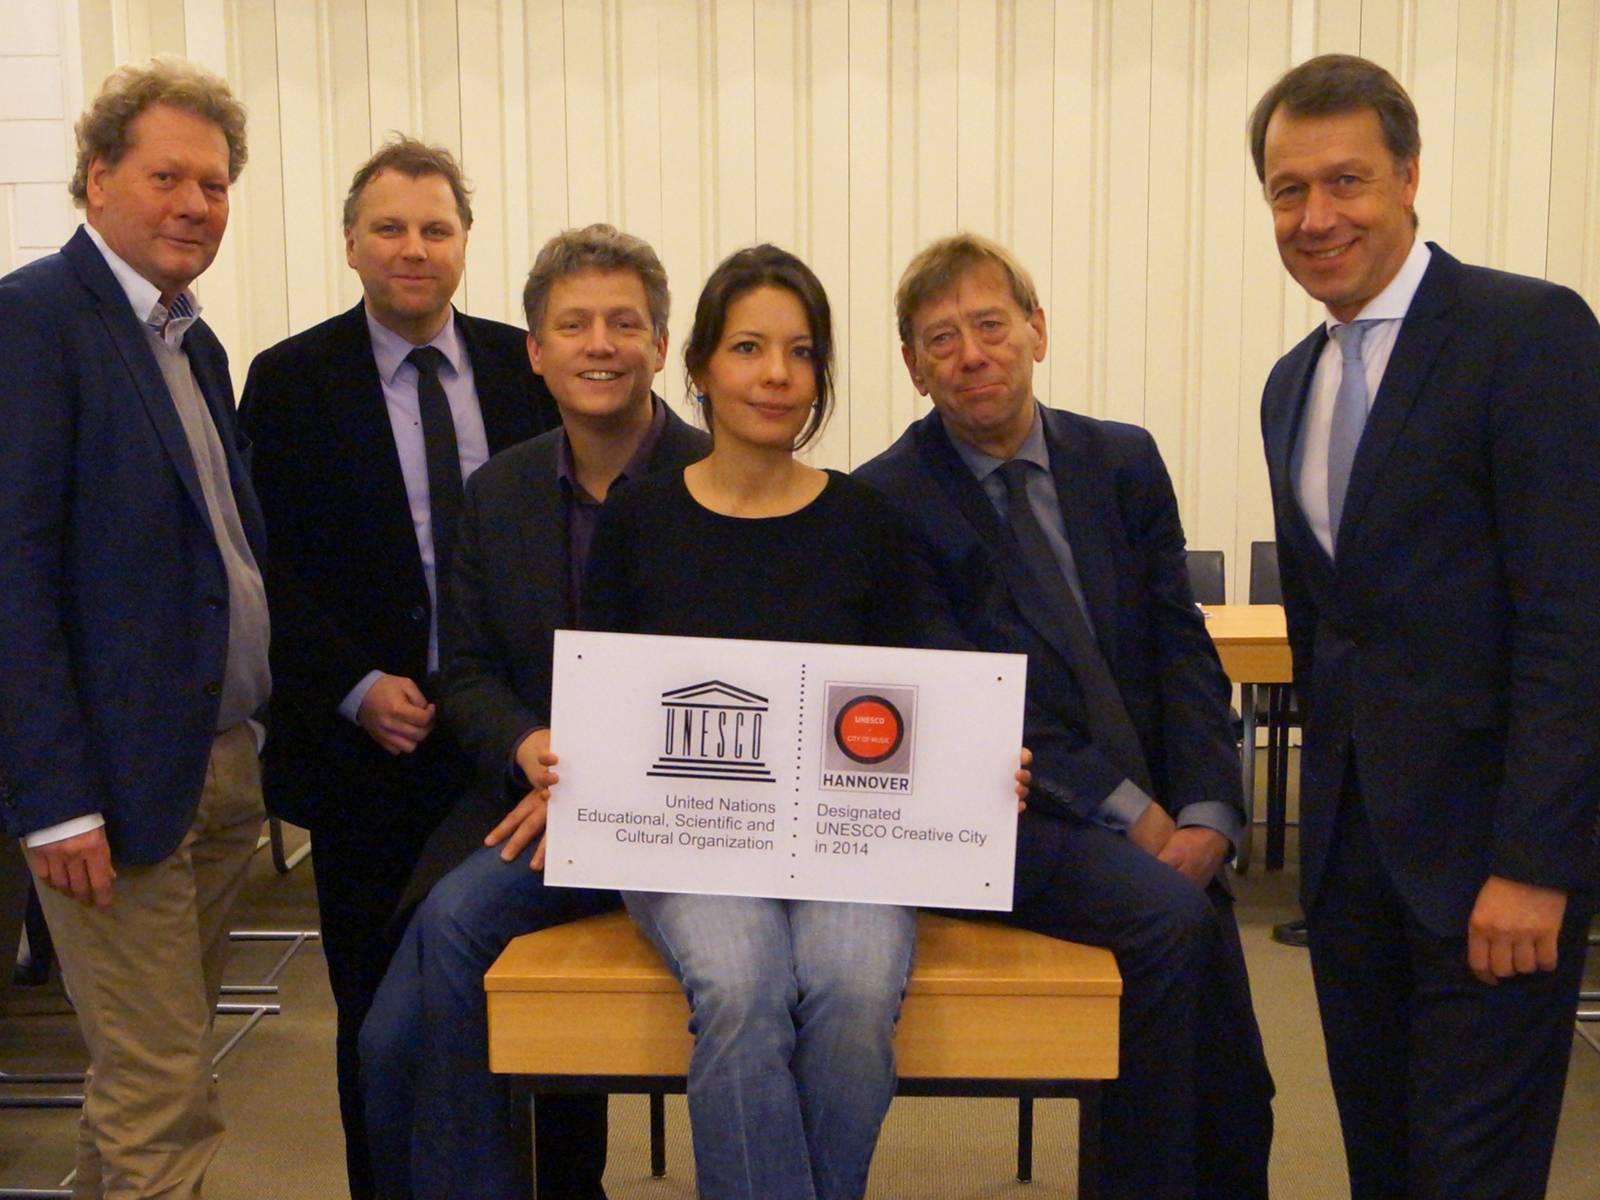 Michael Lohmann (Hannover Concerts), Nils Meyer (Hörregion Hannover), Dr. Benedikt Poensgen (Leiter des städtischen Kulturbüros), Alice Moser (Projektkoordination), Harald Härke (Kulturdezernent) und Hans Christian Nolte (Geschäftsführer der HMTG)